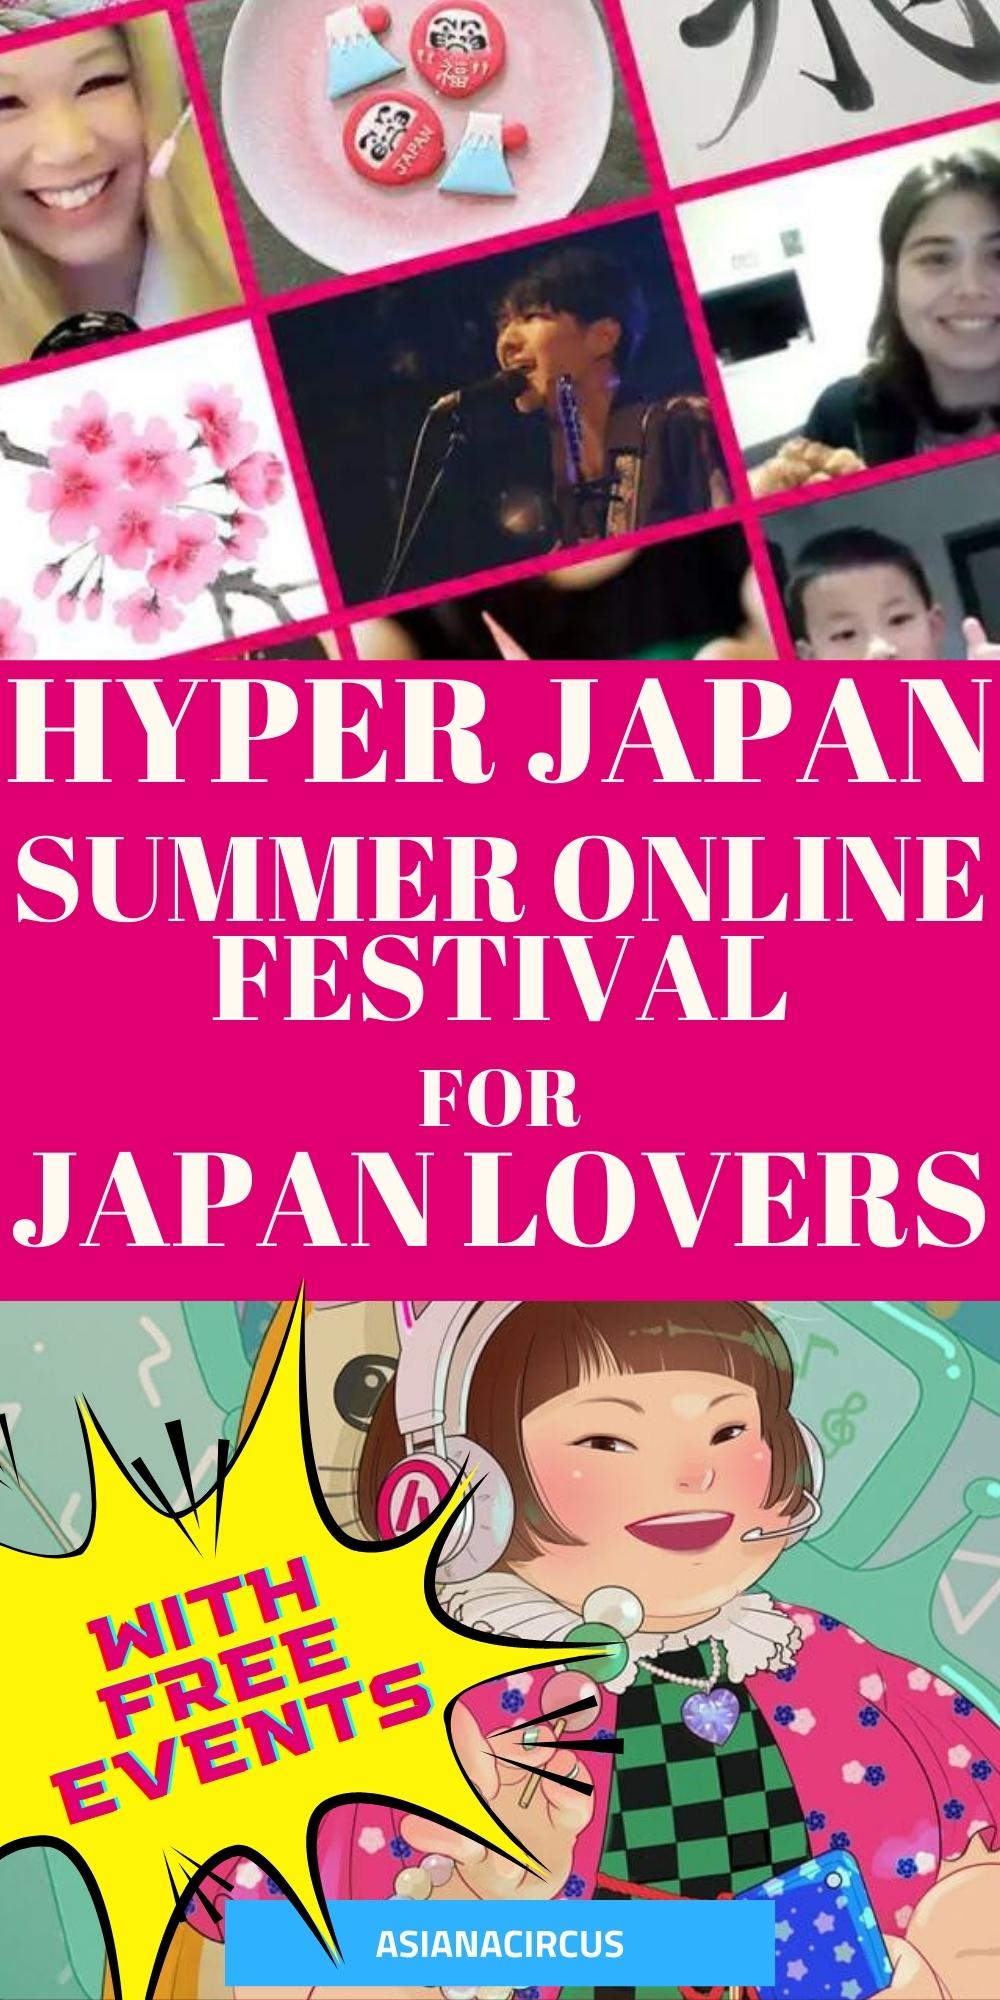 hyper japan festival online